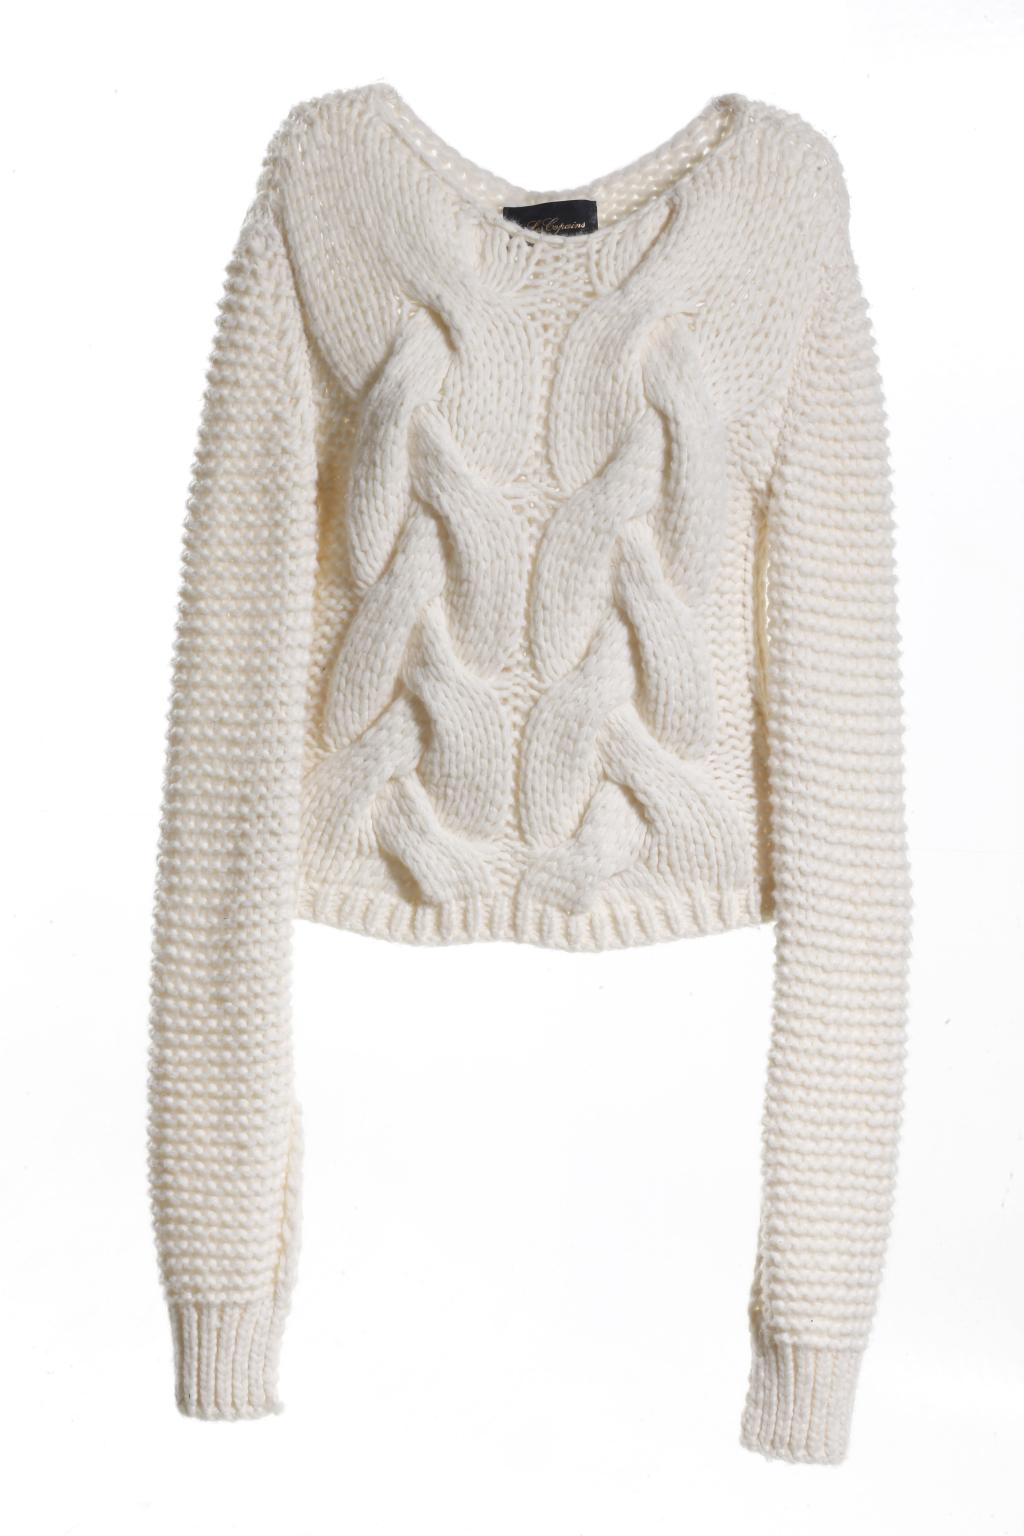 Модный бежевый свитер с длинными рукавами тренд сезона из коллекции Les Copains.